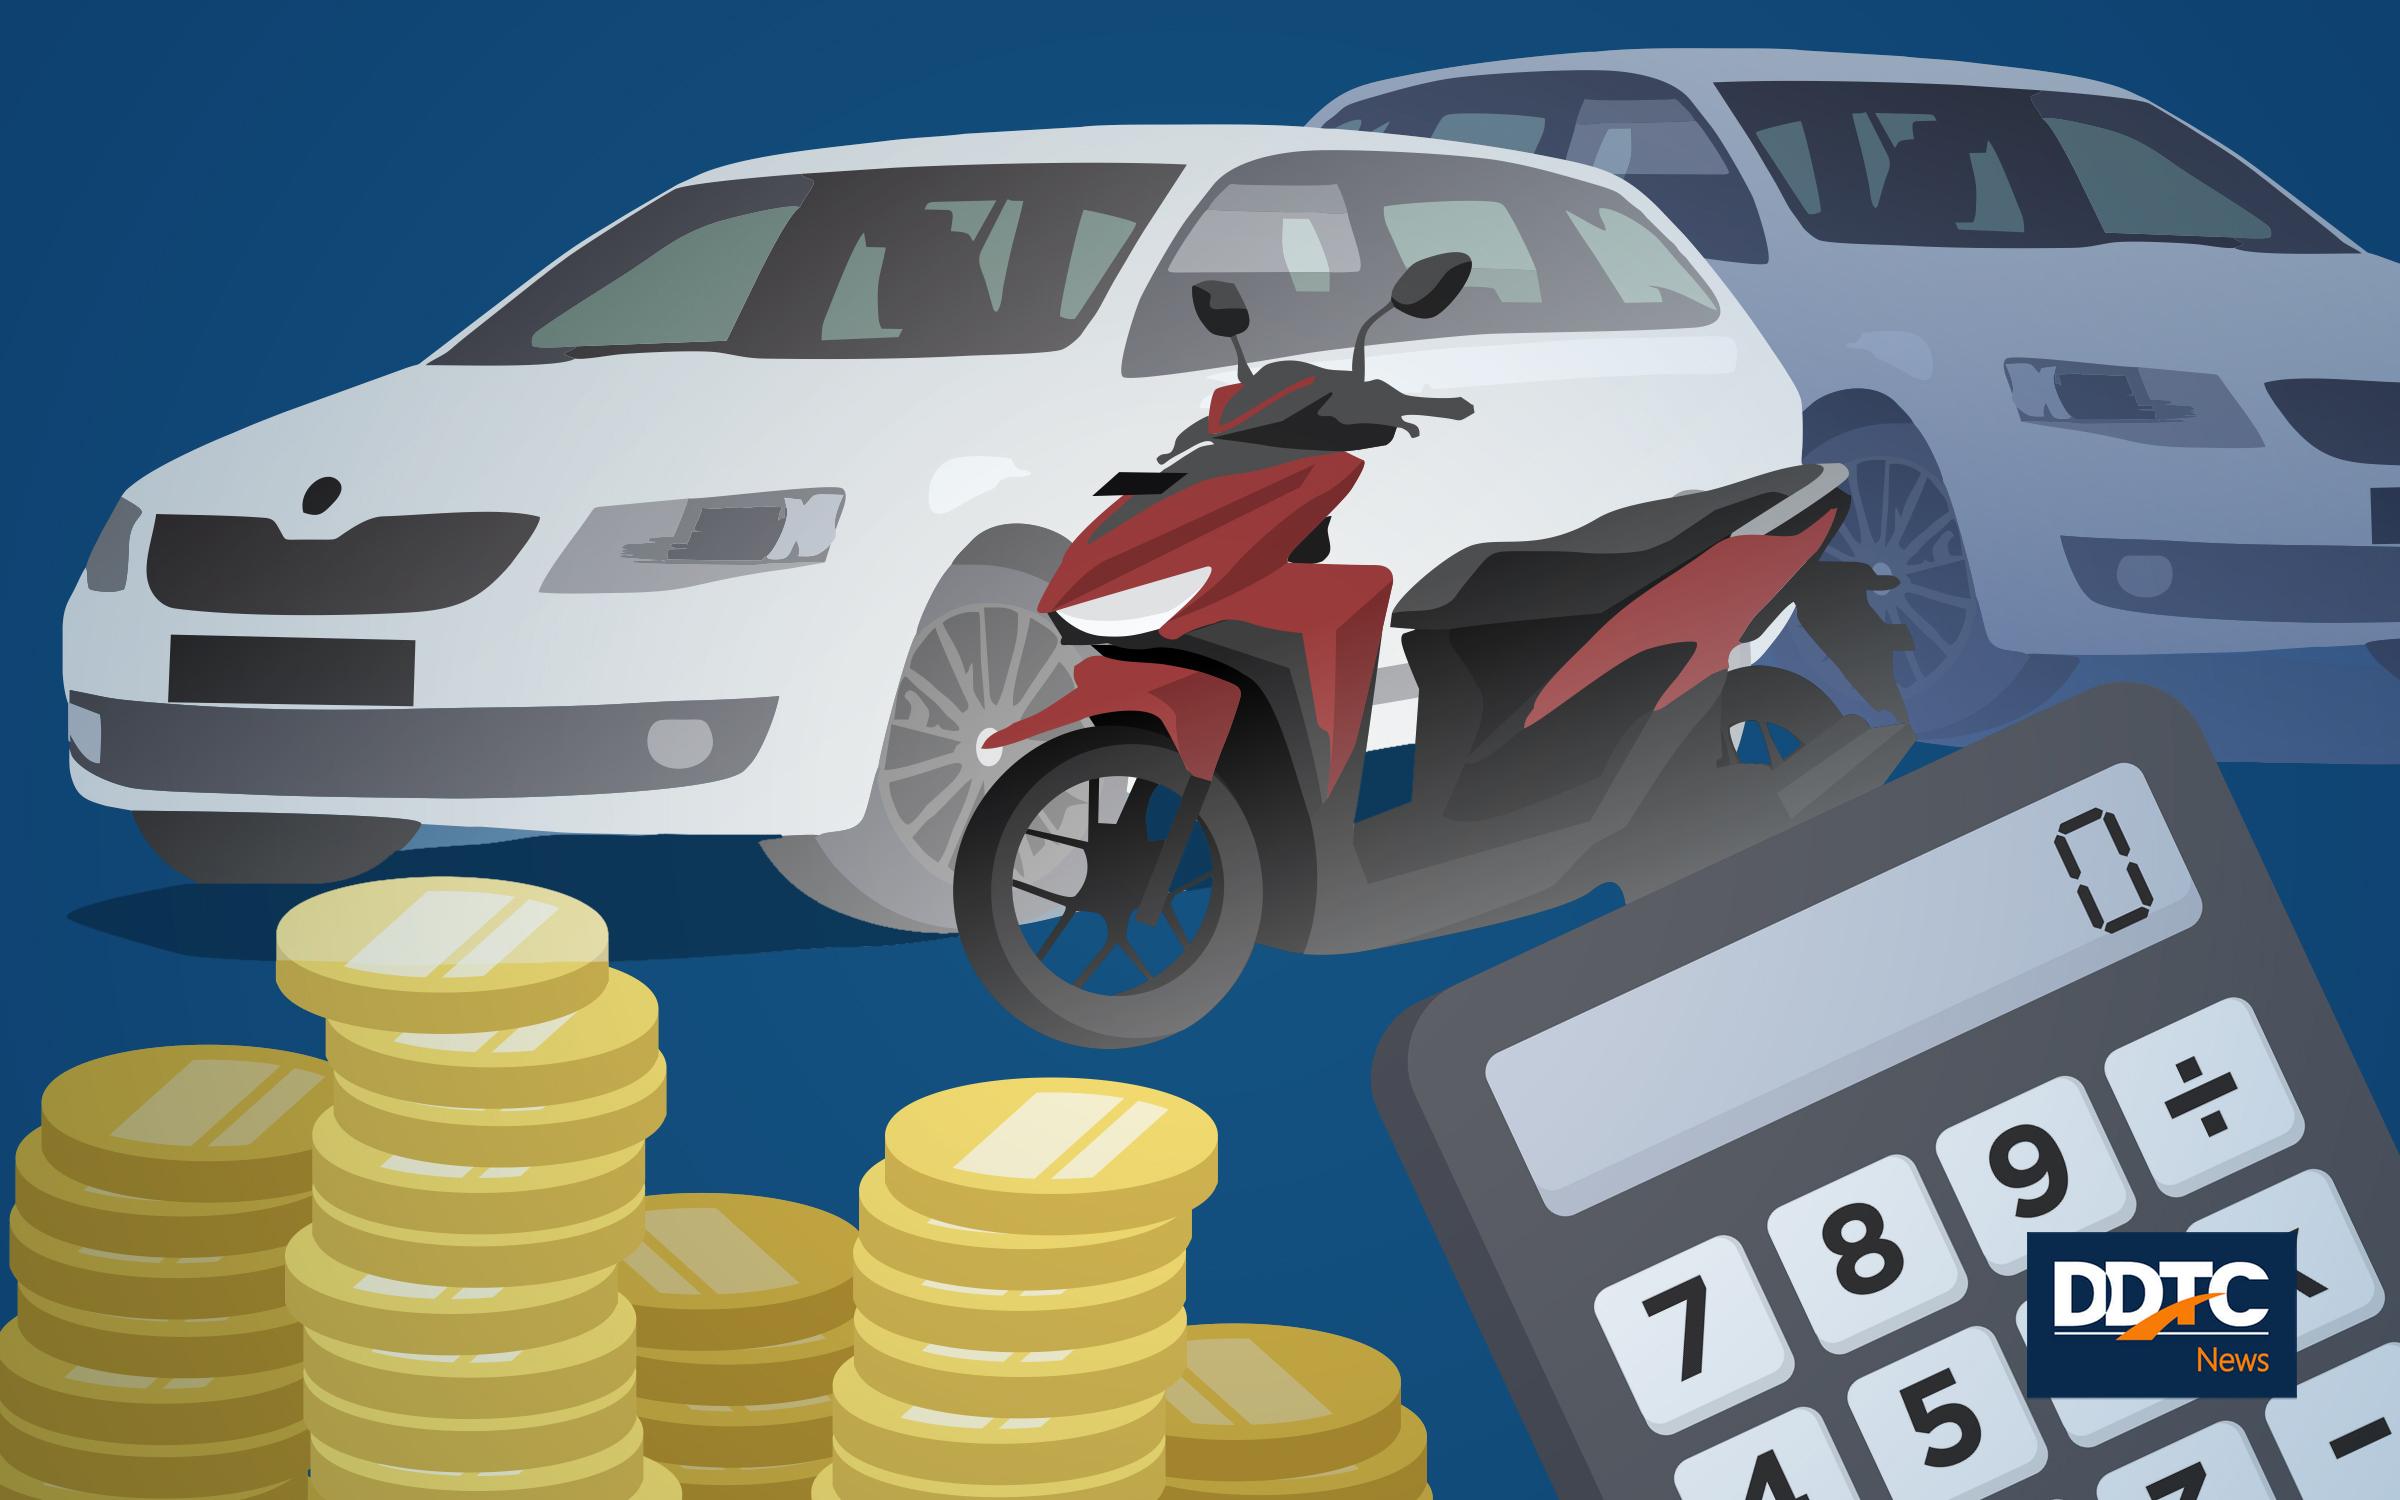 Pajak Kendaraan Diusulkan Dapat Dibayar untuk Beberapa Tahun Sekaligus